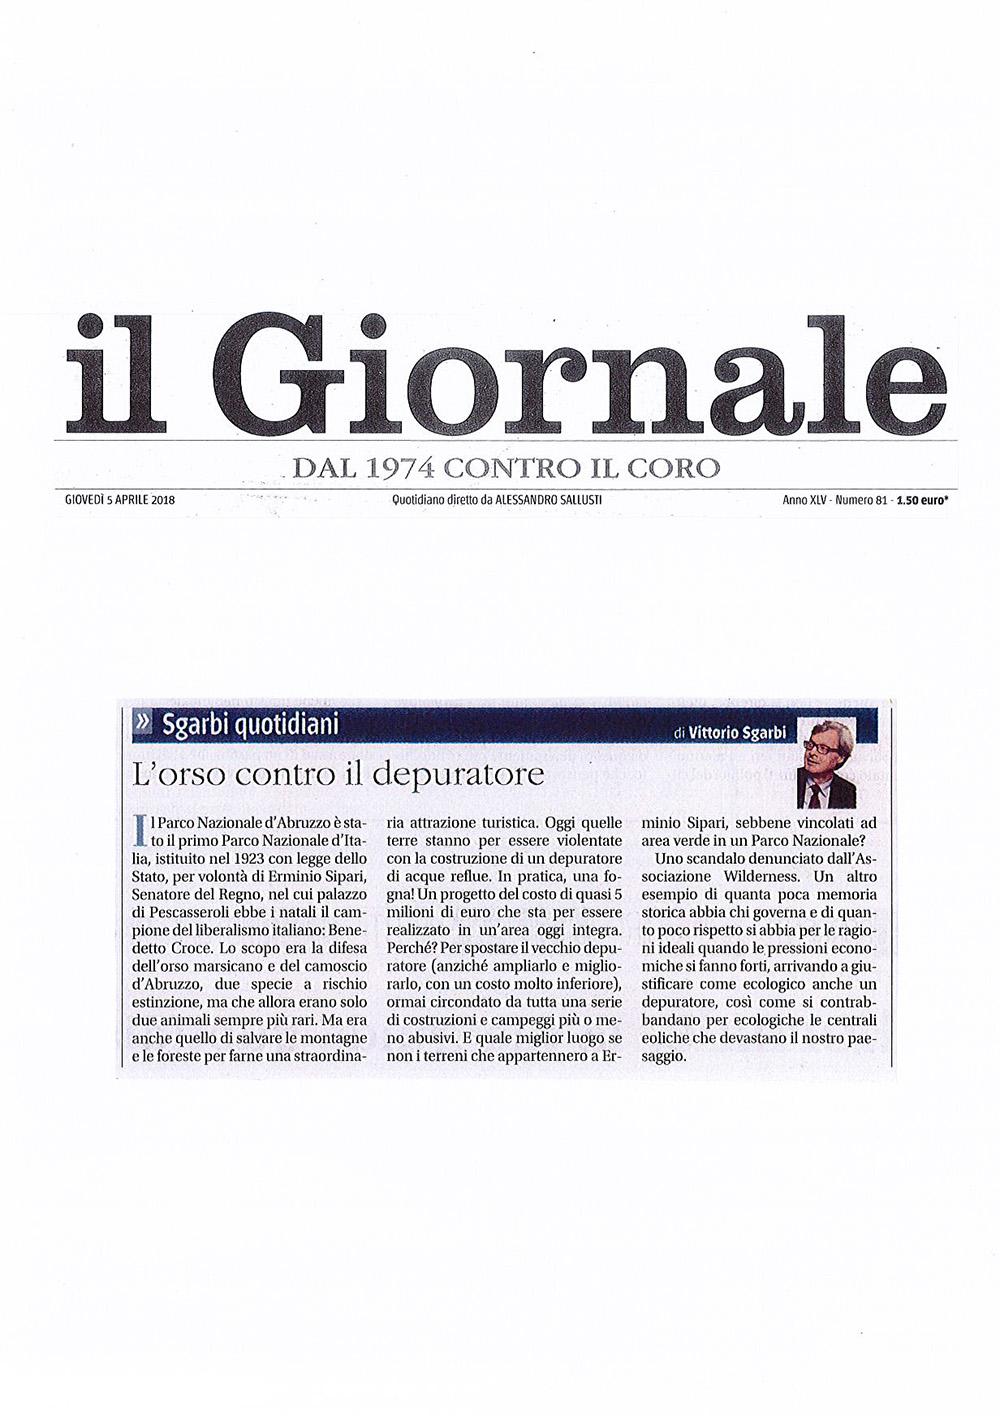 2018 04 05 - Wilderness IT - ARTICOLI - Articolo Sgarbi - Ritaglio